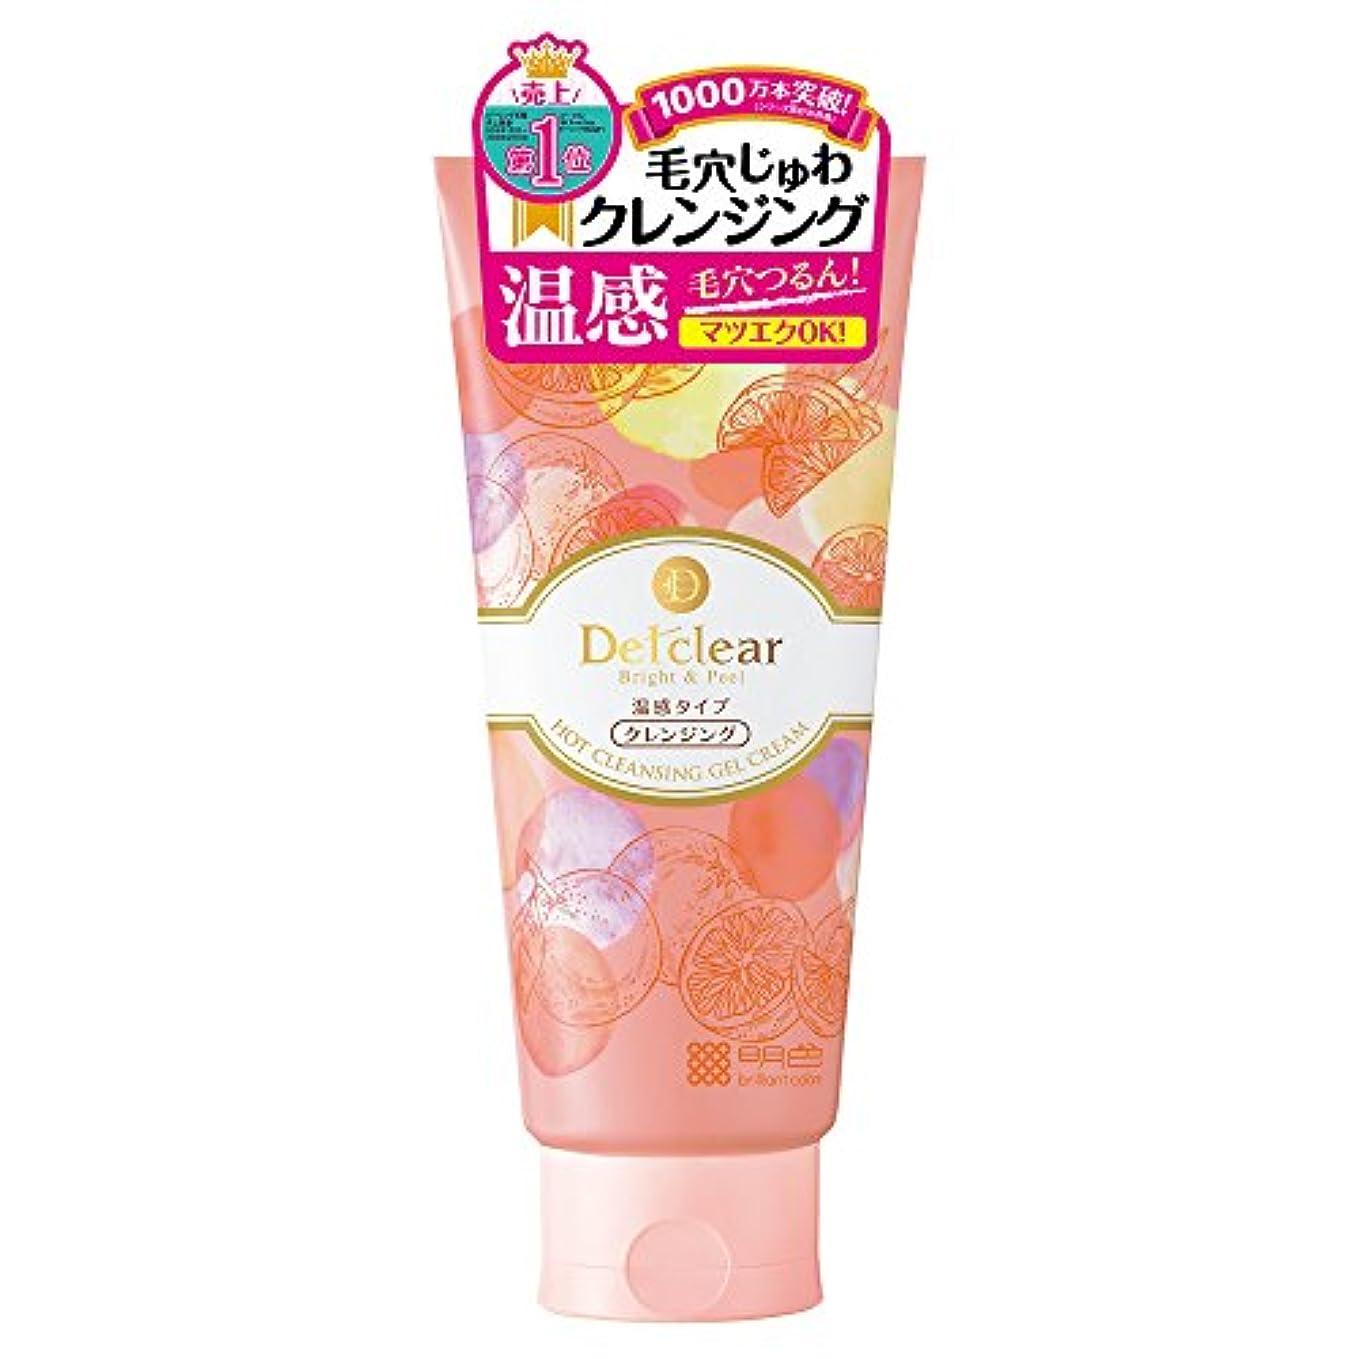 ペレグリネーションアサー機関車DETクリア ブライト&ピール ホットクレンジング ジェルクリーム 200g (日本製) ベルガモットオレンジの香り